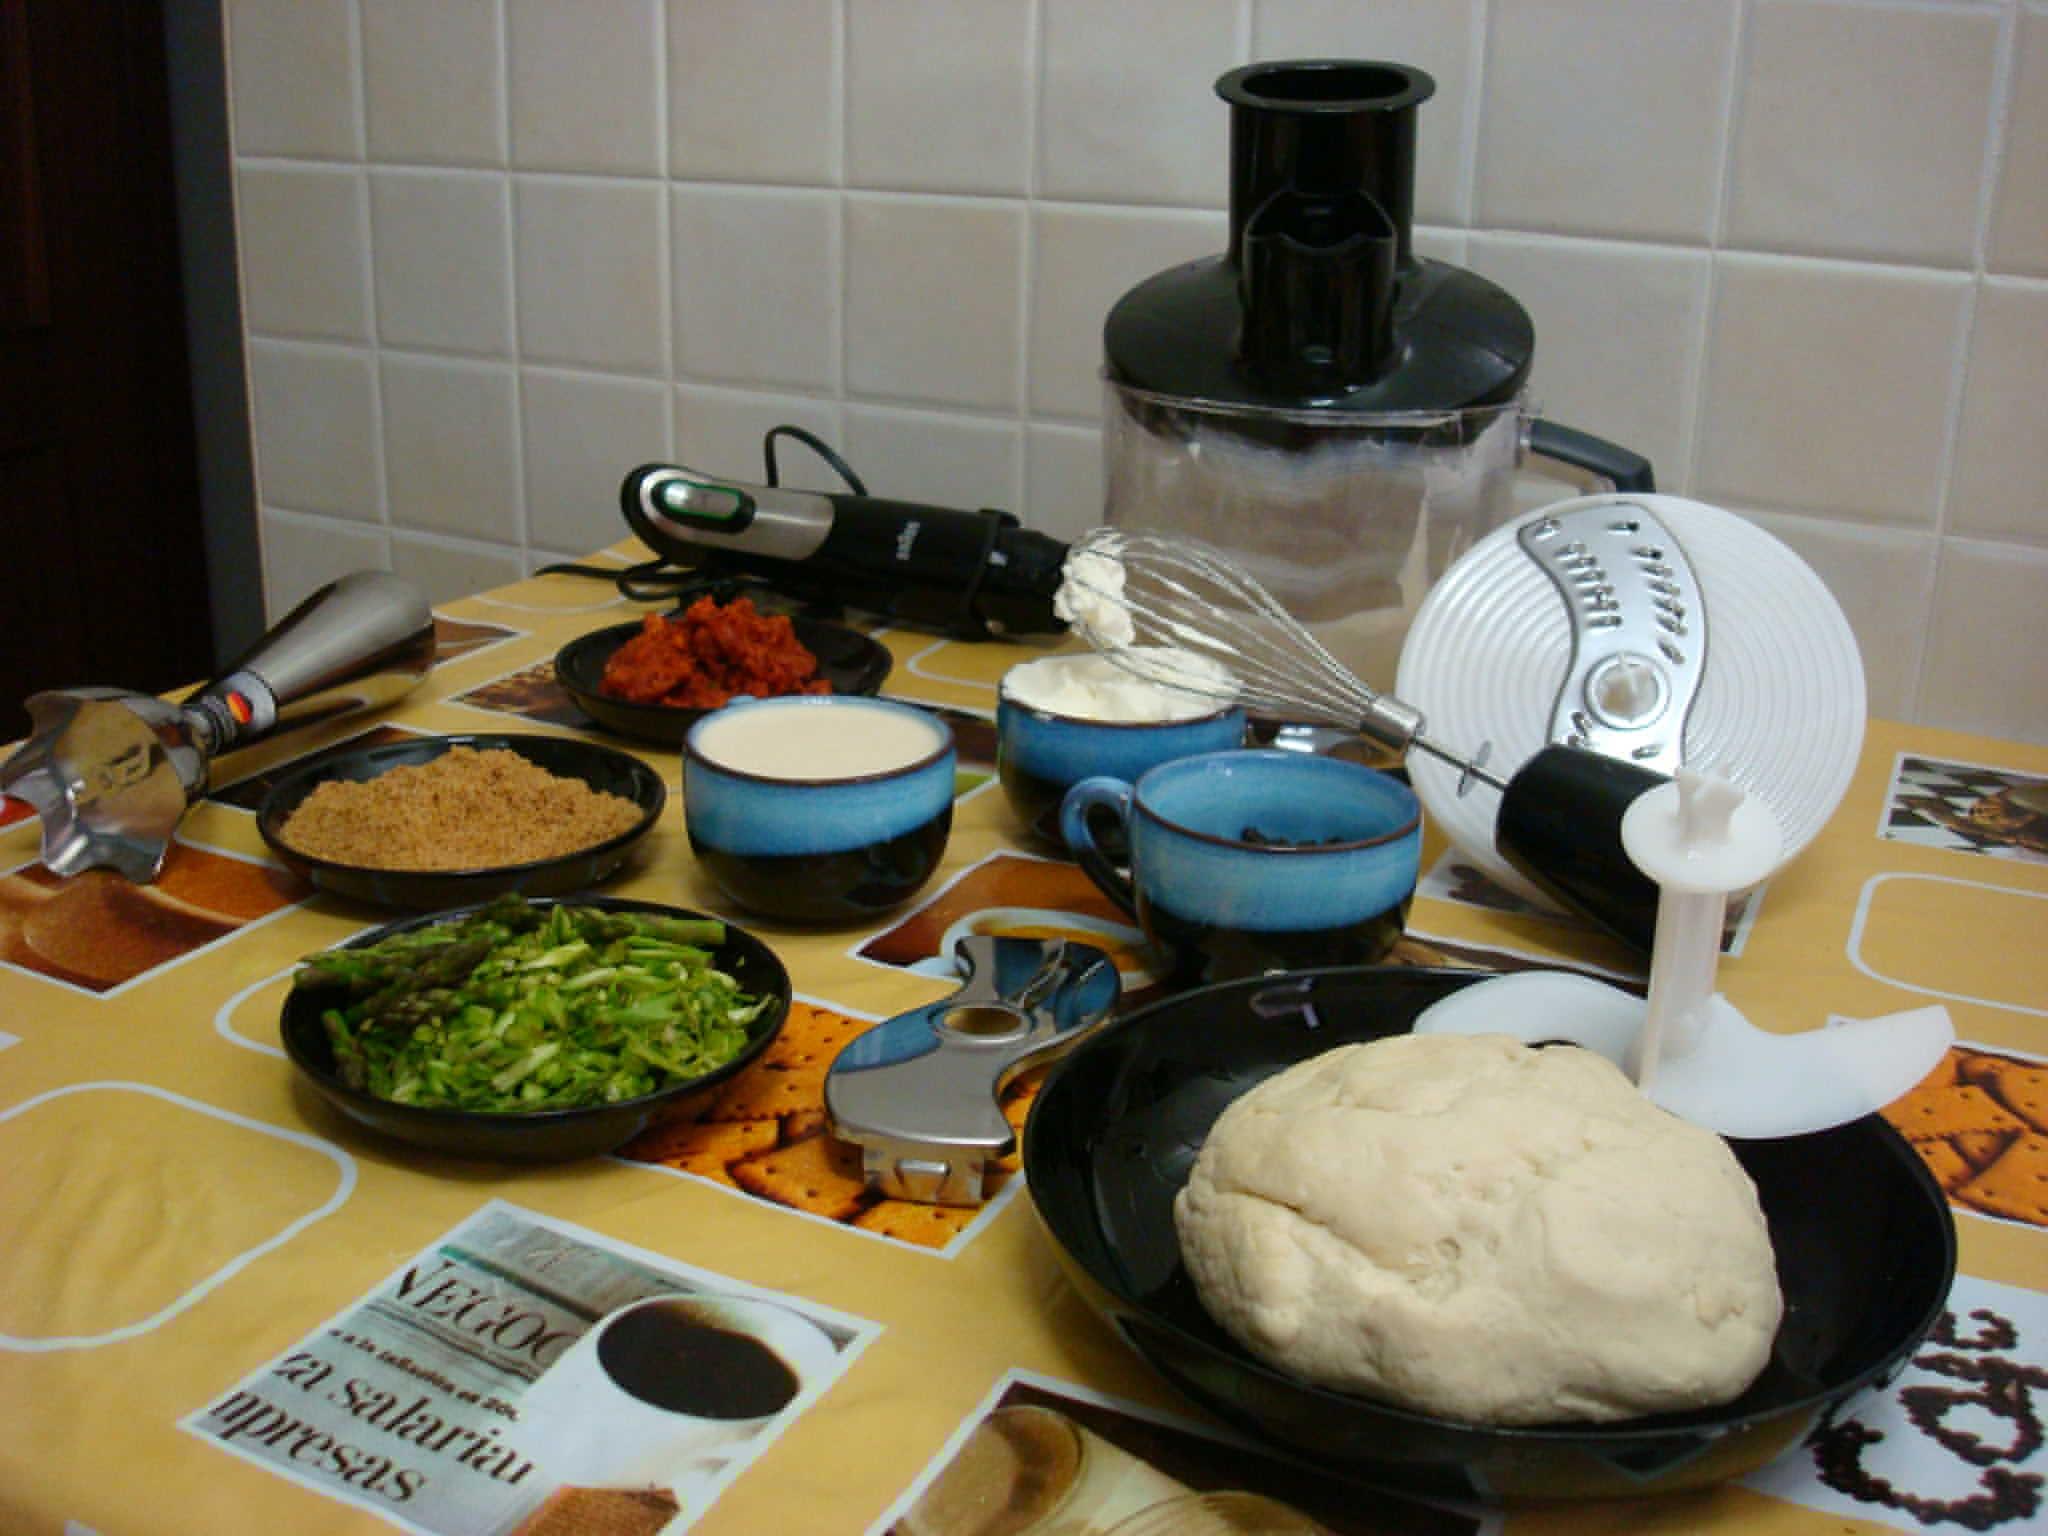 Ingredientes preparados en pocos minutos con la ayuda de la Minipimer 7